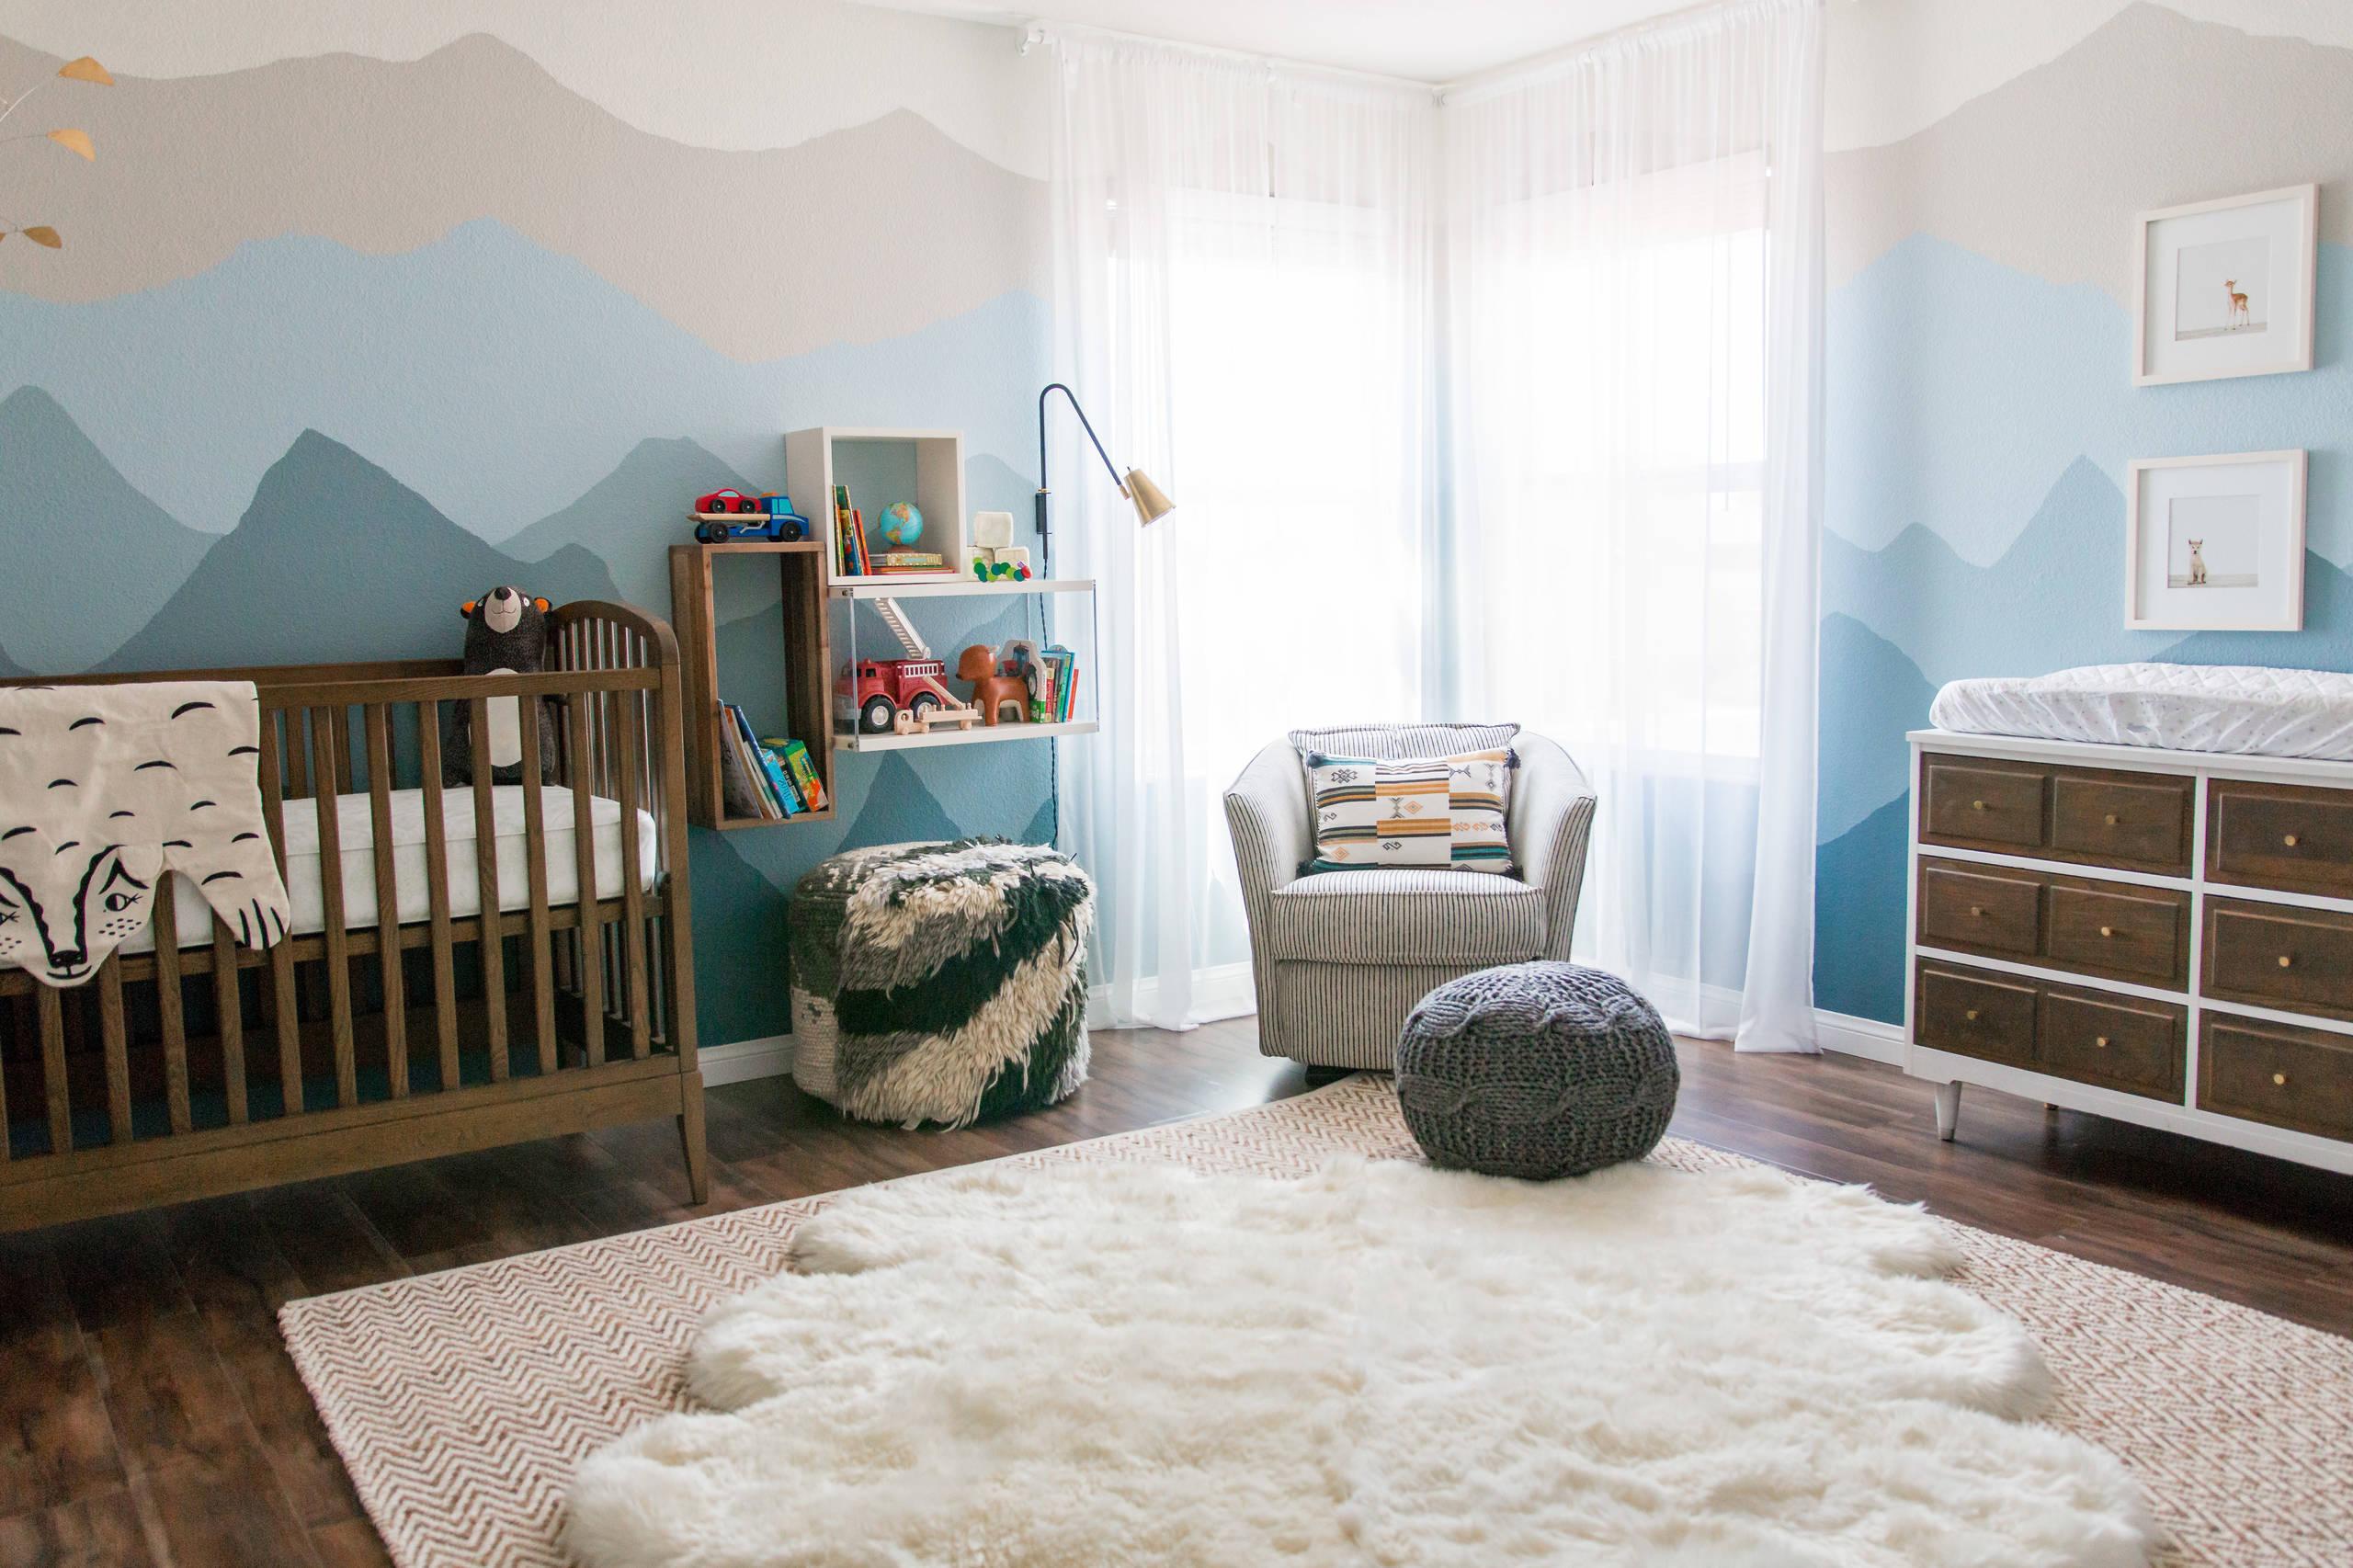 schlafzimmer petrol gestalten hse24 kopfkissen kinder bettdecken ab wann schlafzimmer ideen. Black Bedroom Furniture Sets. Home Design Ideas